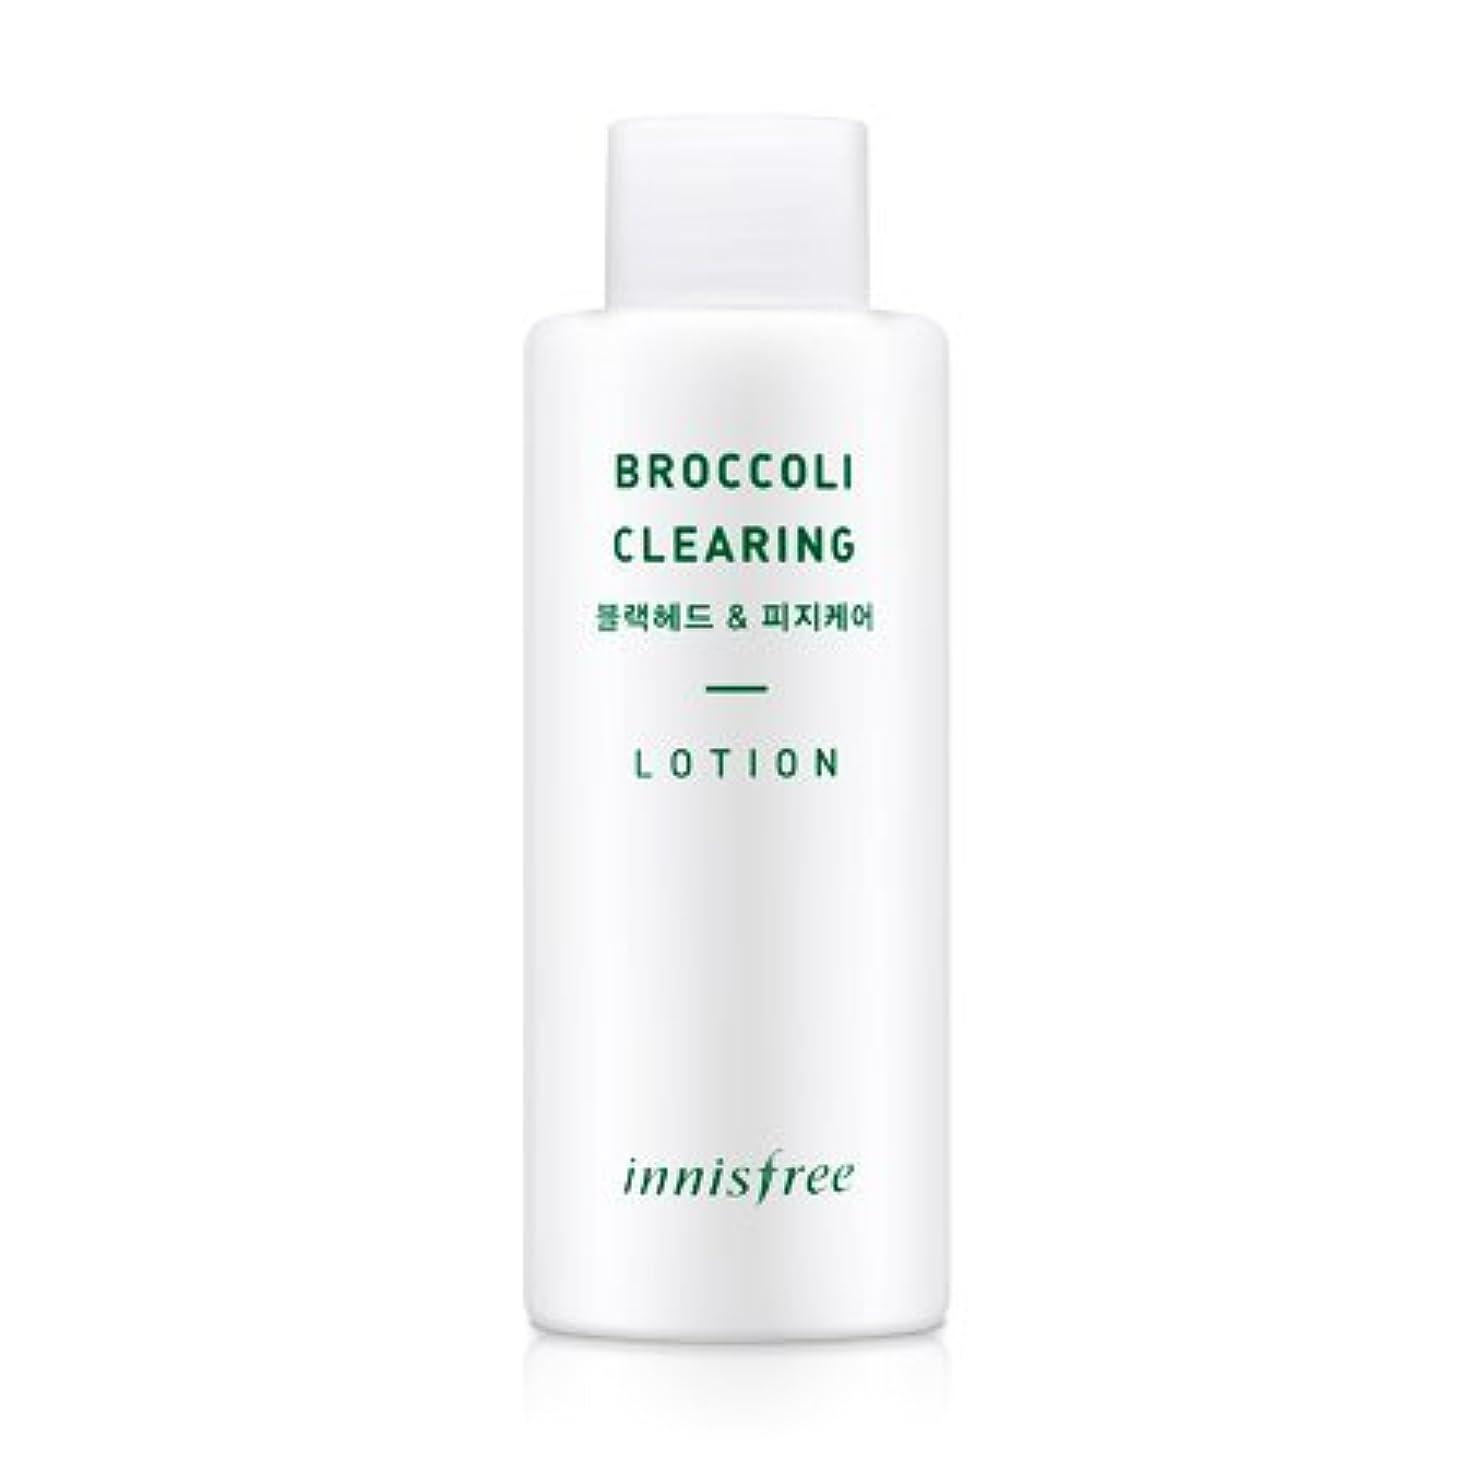 スタイル前奏曲お父さん[innisfree(イニスフリー)] Super food_ Broccoli clearing lotion (130ml) スーパーフード_ブロッコリー クリアリング?ローション[並行輸入品][海外直送品]